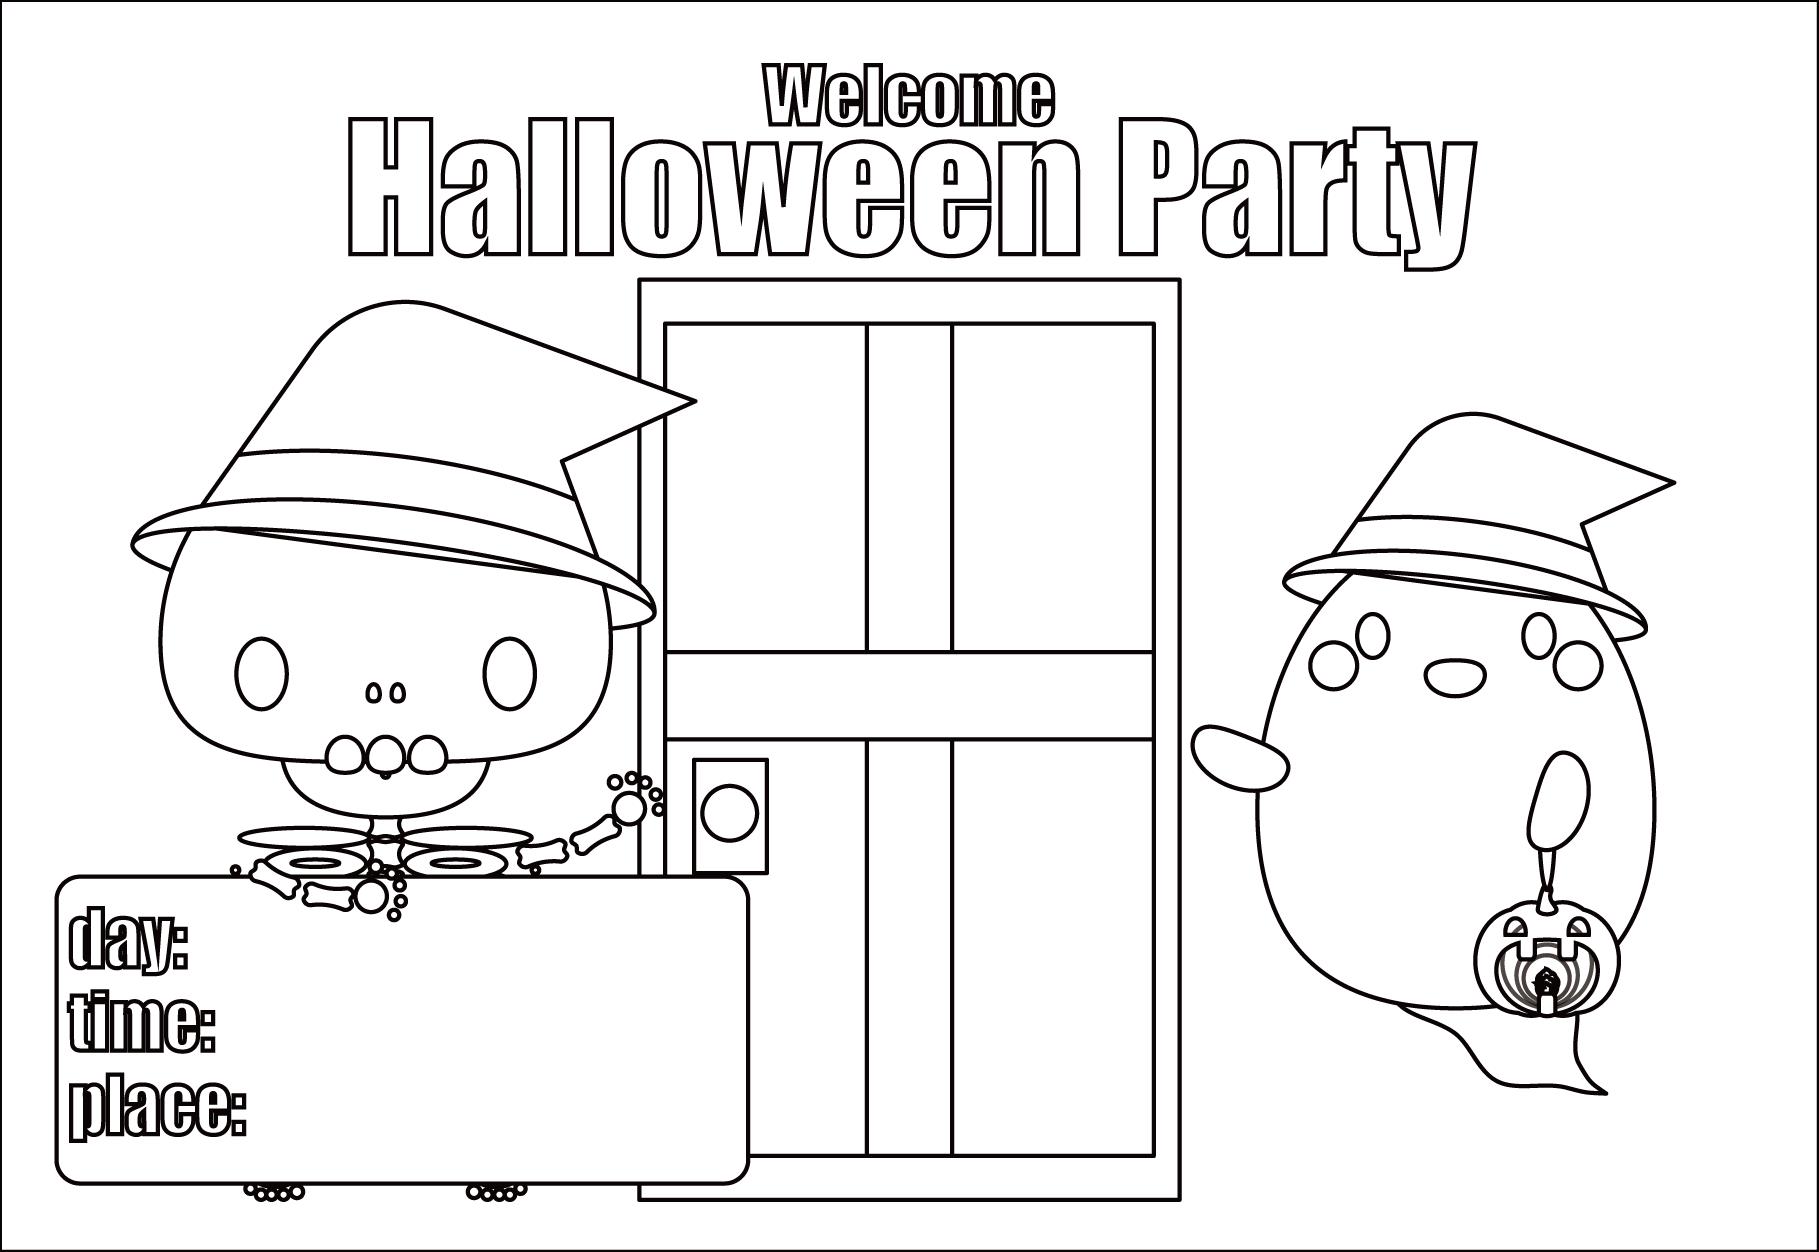 塗り絵に最適な白黒でかわいいハロウィンパーティー・メッセージカードの無料イラスト・商用フリー